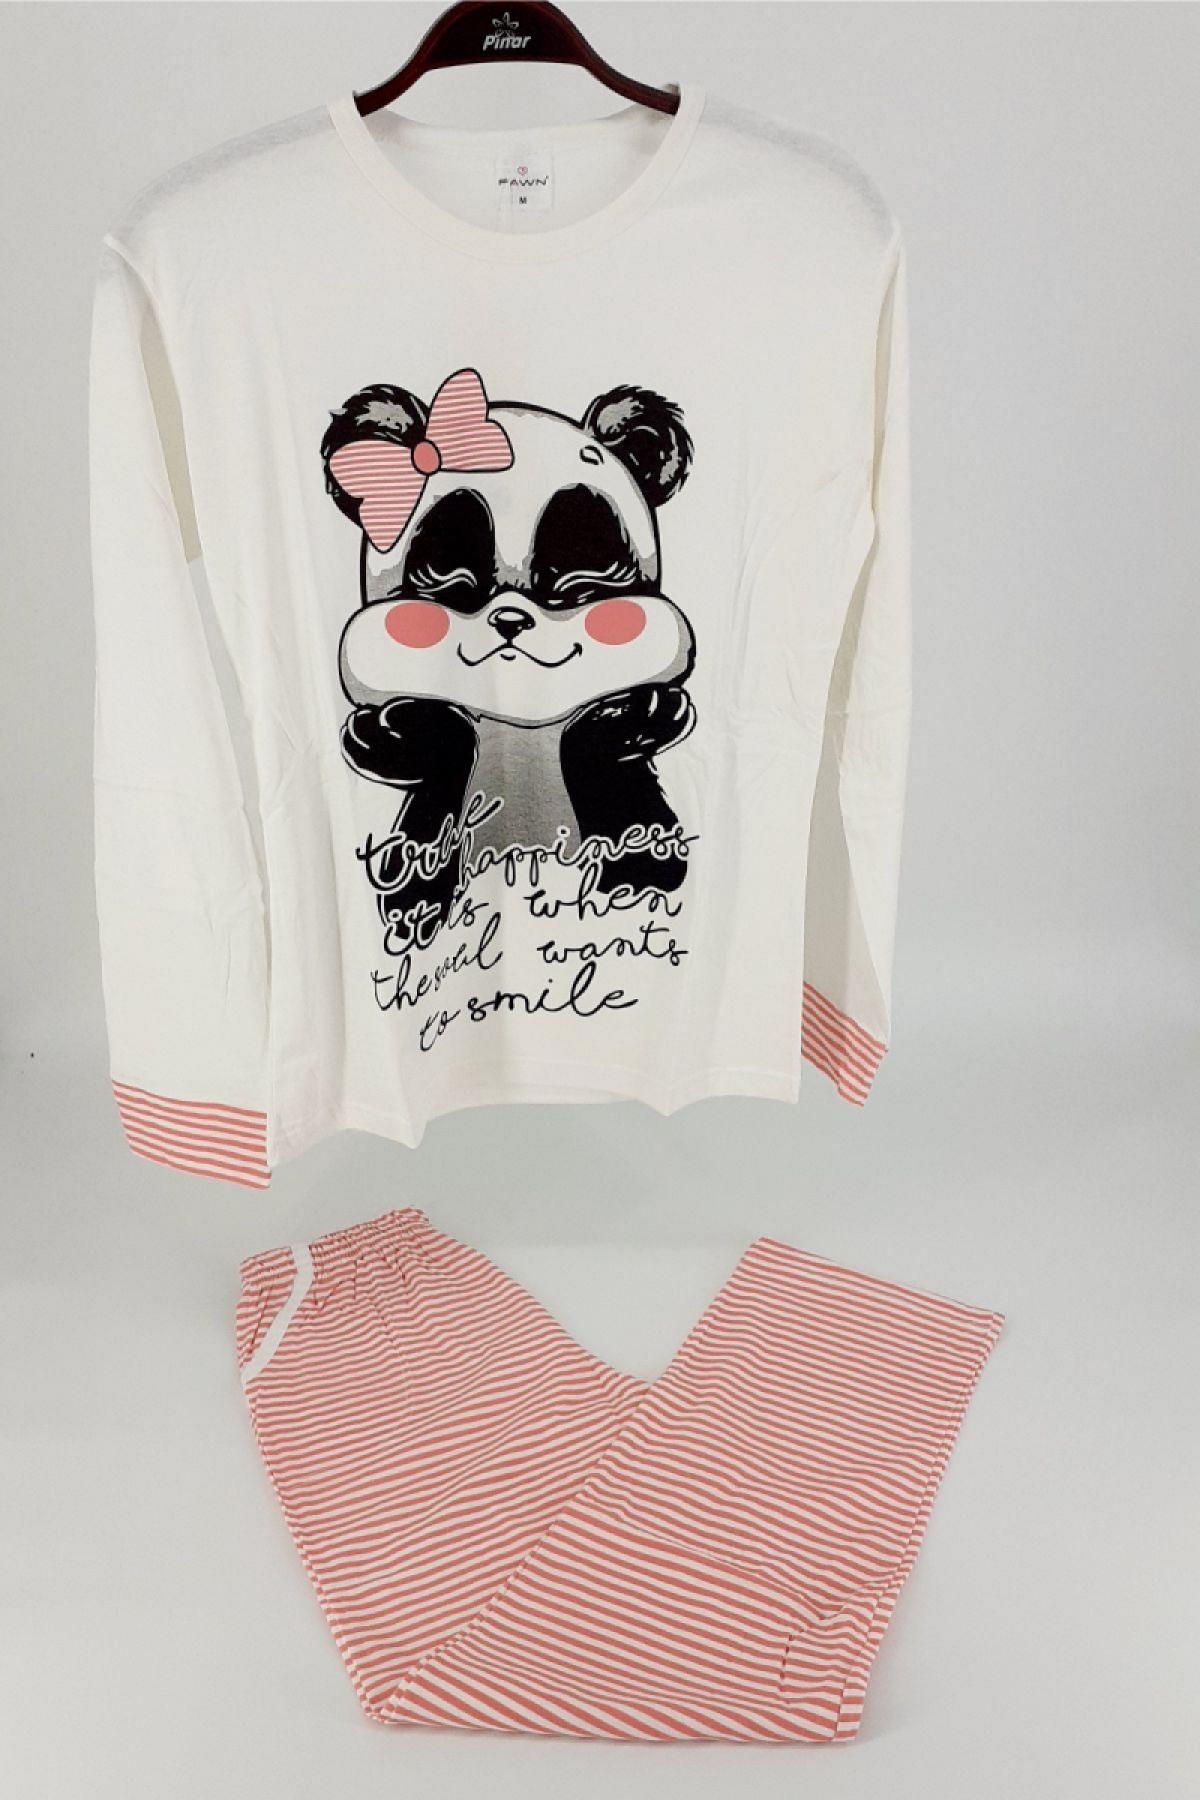 Fawn Kadın Pijama Takım Panda Desenli Uzun Kol - Krem-Pudra Pembe - Thumbnail